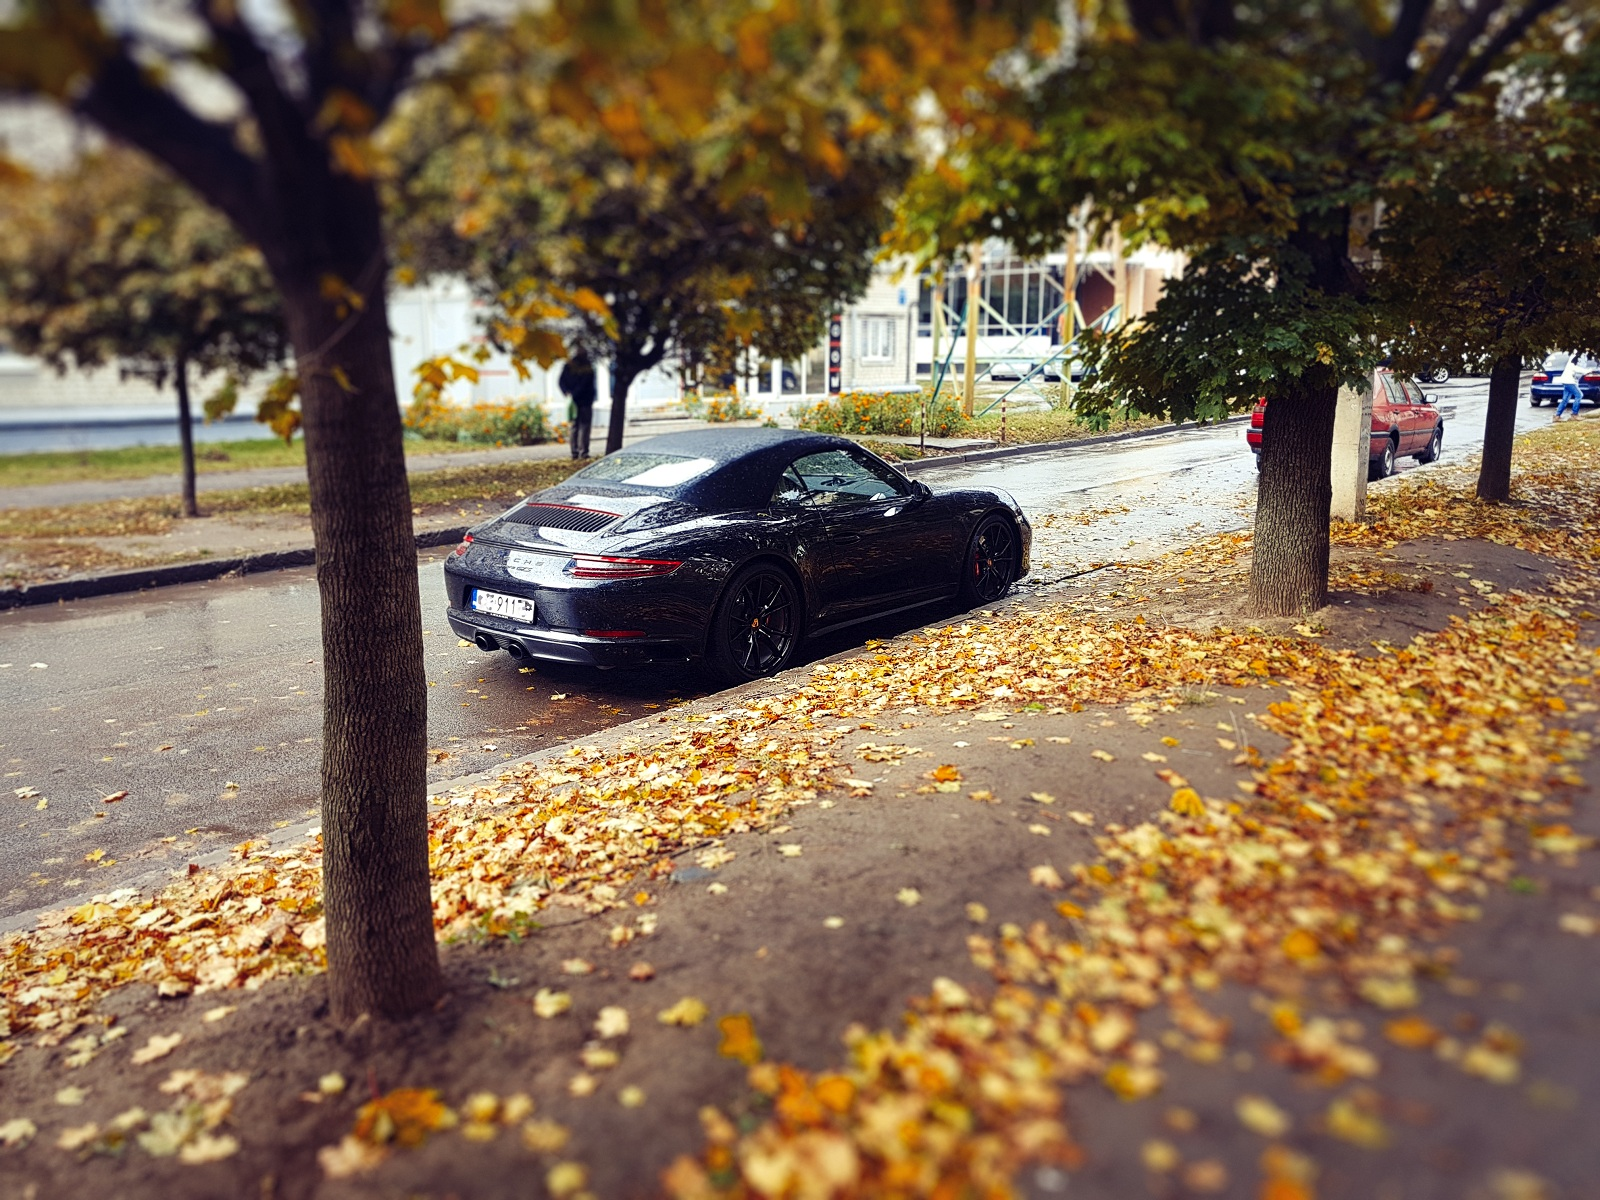 Картина маслом: роскошный кабриолет Porsche на бляхах в Украине